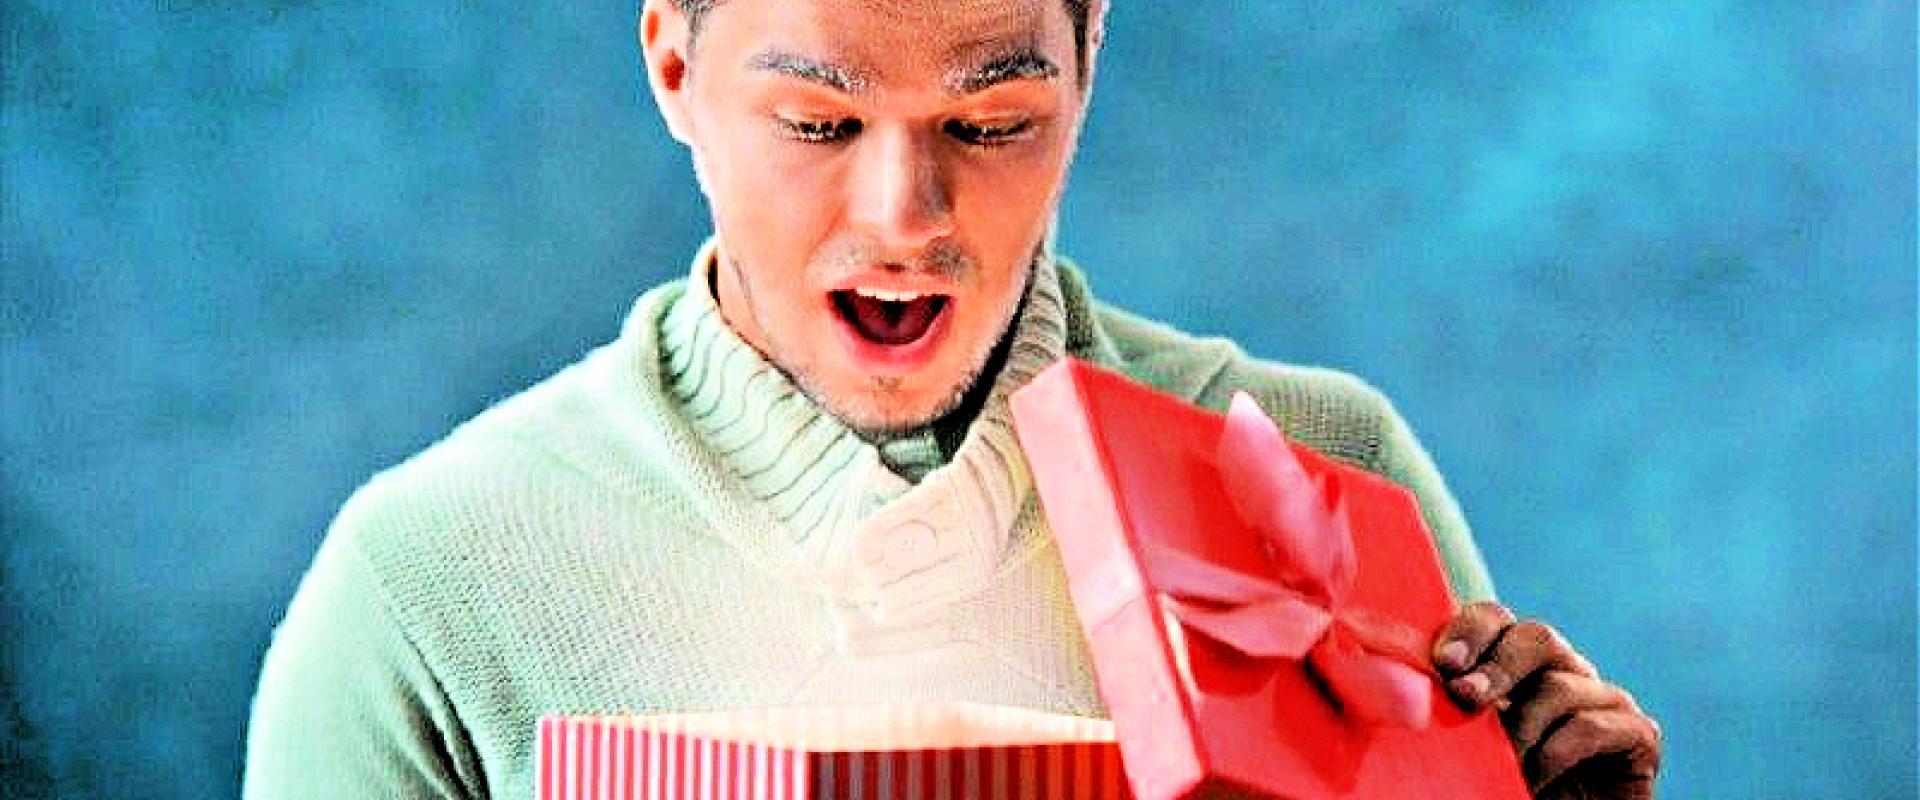 Ik heb een cadeautje voor je: Masterkoffie!